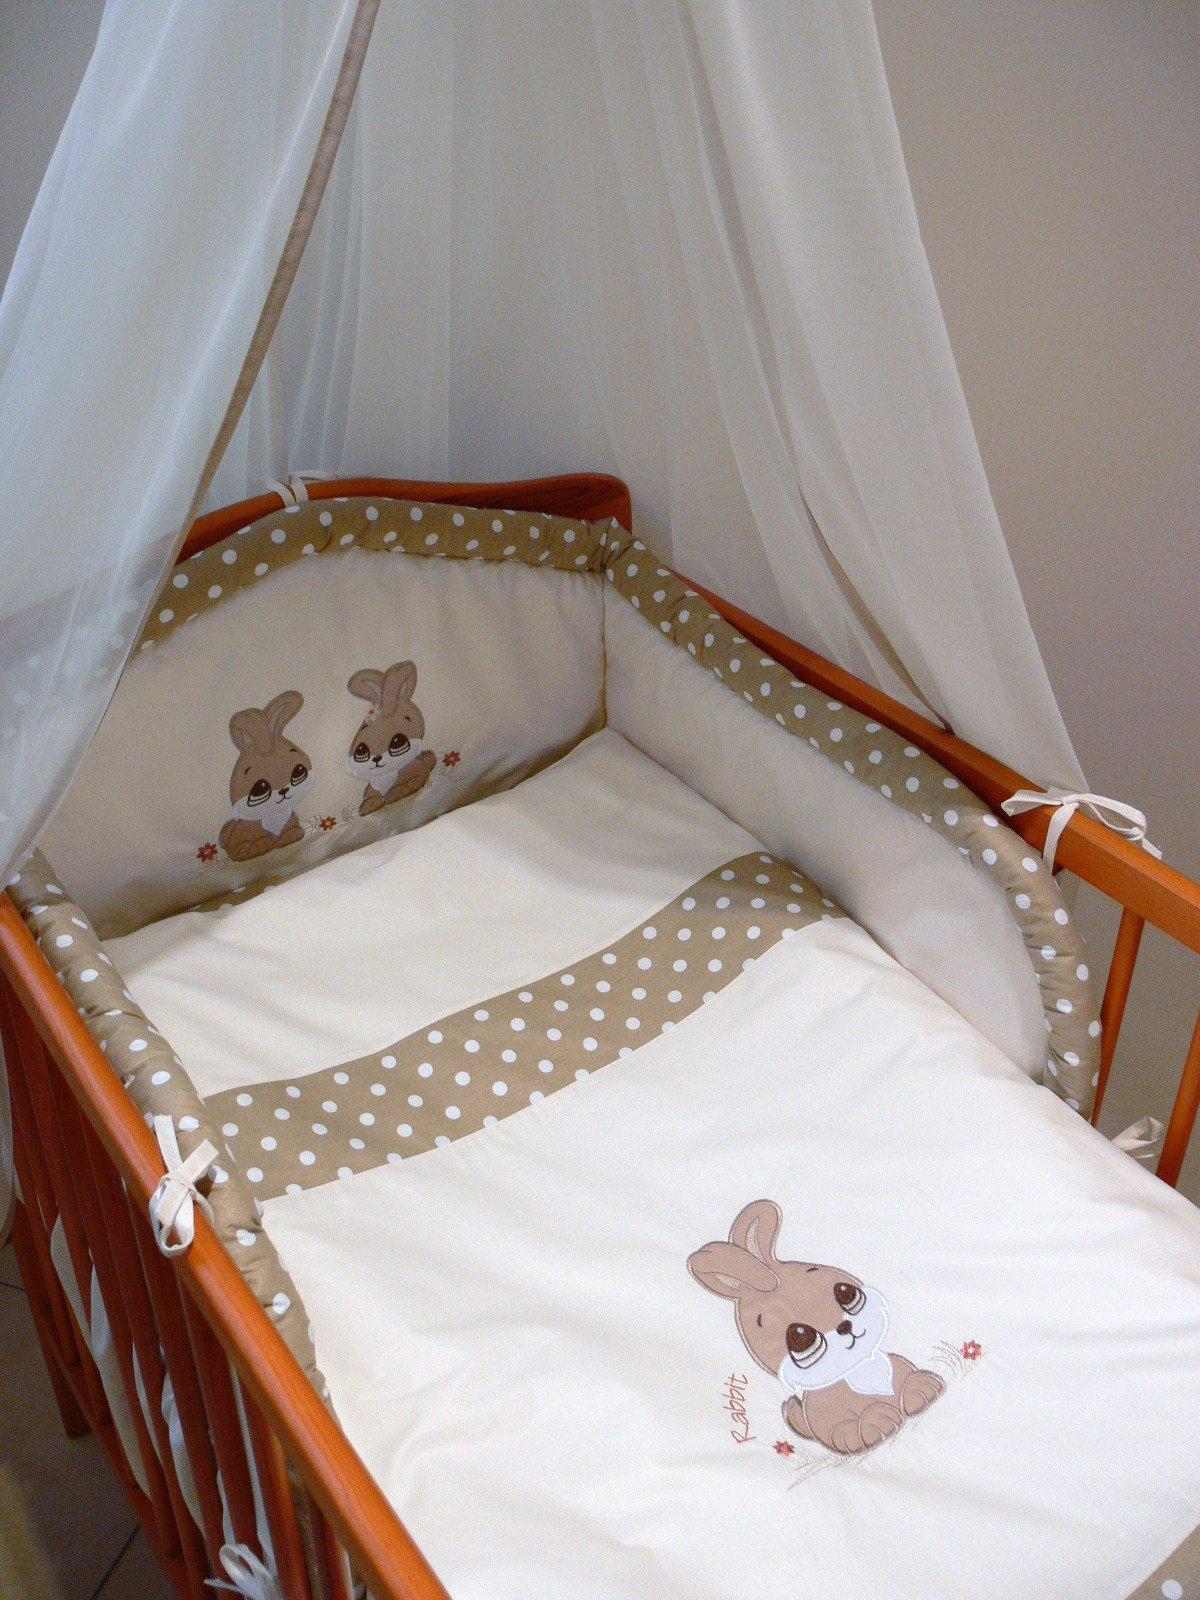 Bērnu gultas veļa: 5 daļas Ankras ZAĶĪTIS (RABBIT) K-5 (135/180)